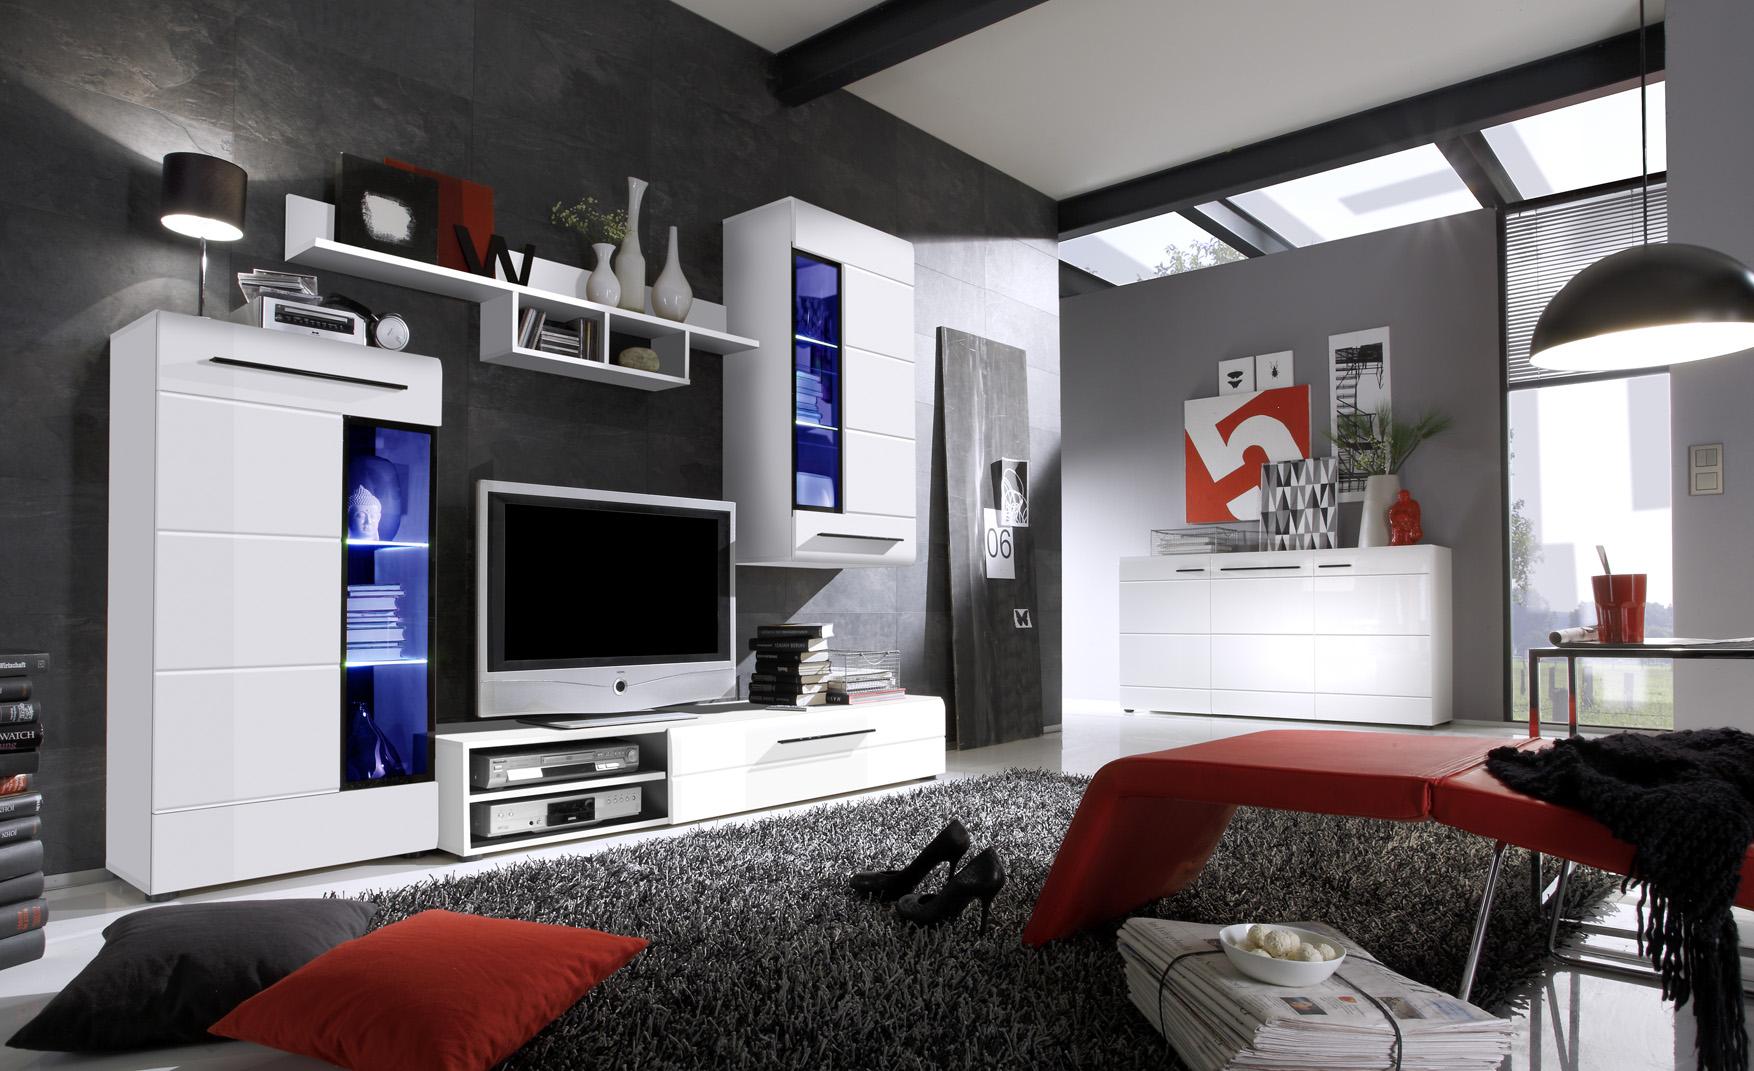 Schwarz Weiß Wohnzimmer | Möbelideen Wohnzimmer Schwarz Hochglanz